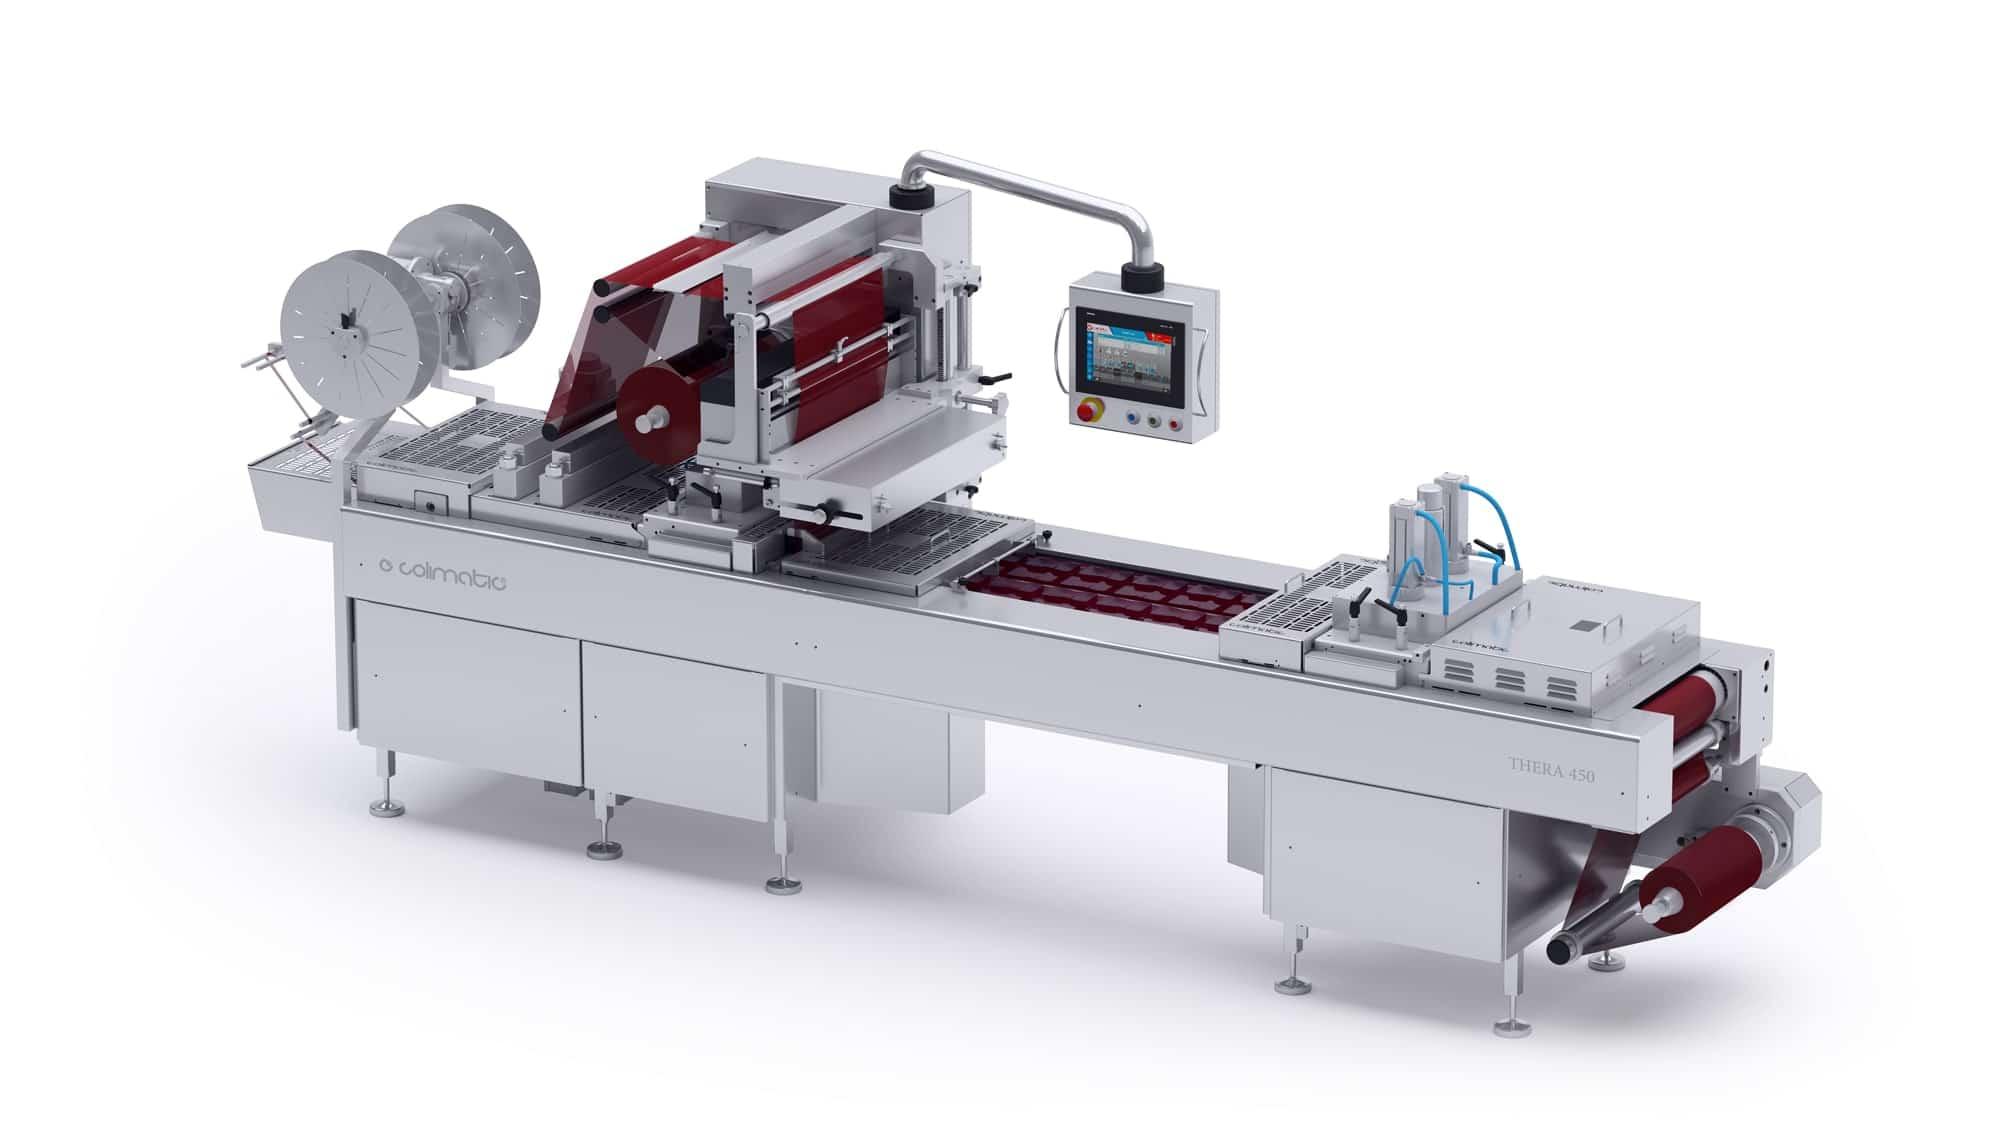 Termoformatrice thera 450 - Colimatic termoformatrici industriali